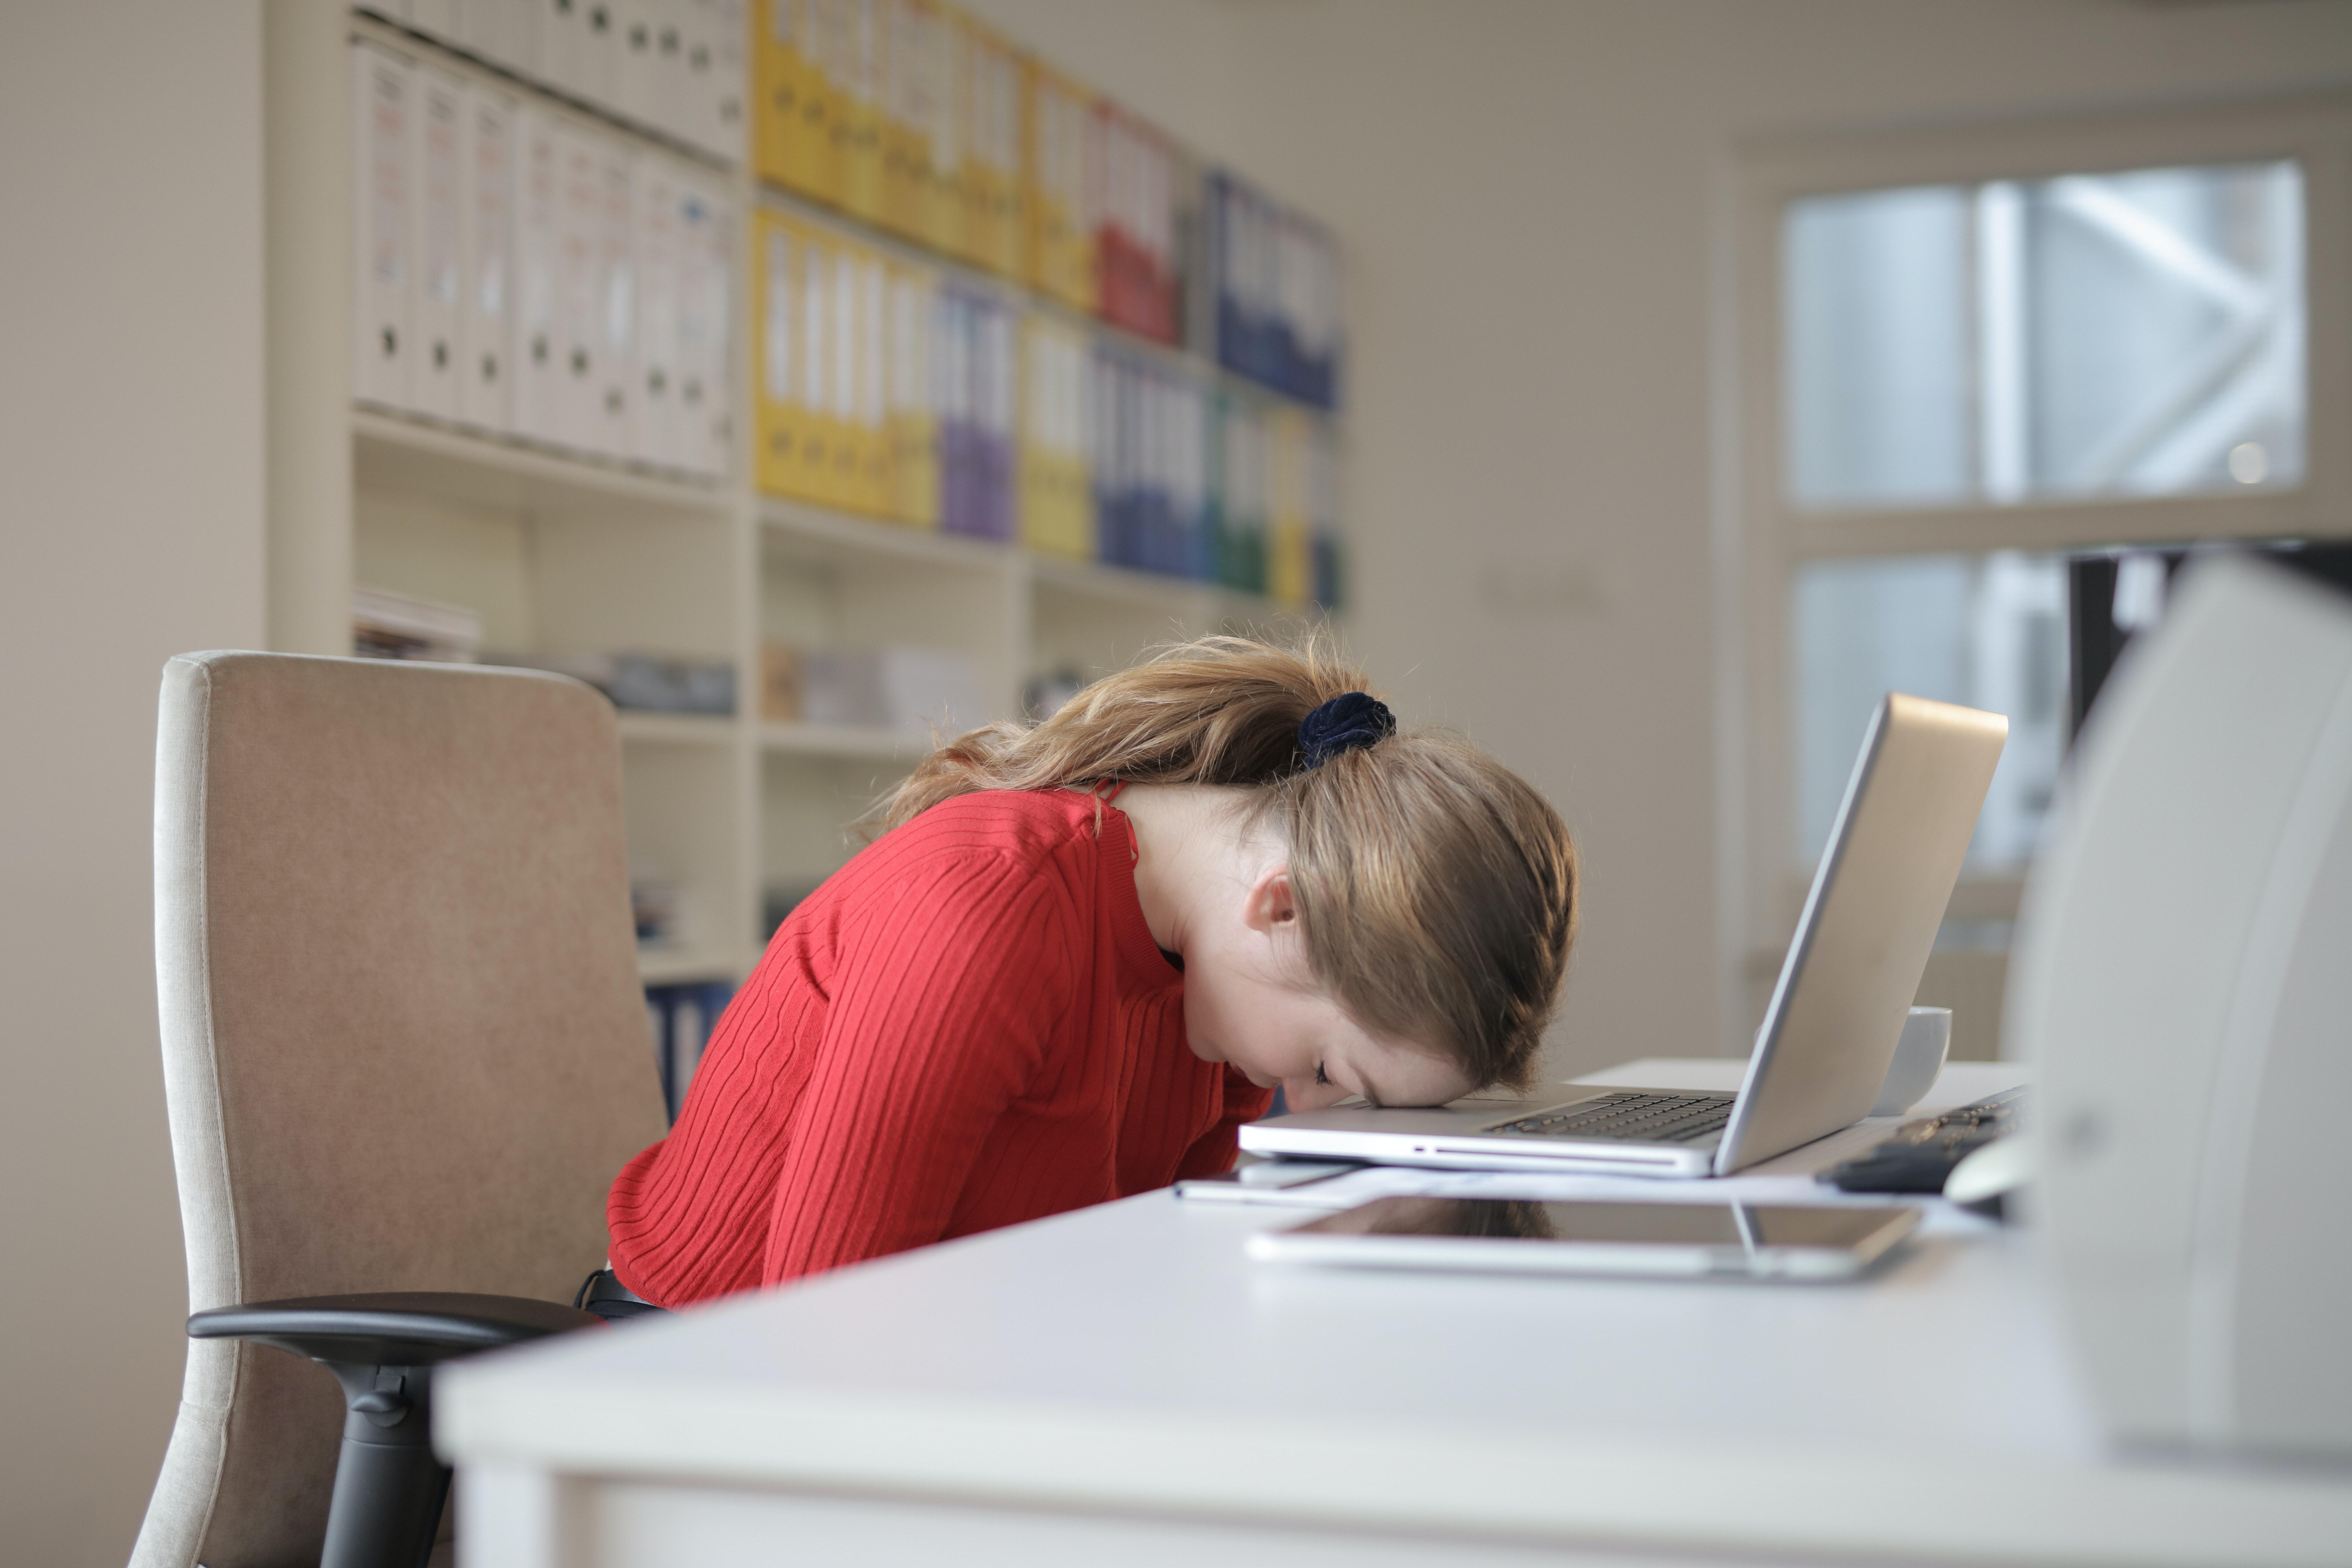 Cum să îți dai demisia de la un job abia început?